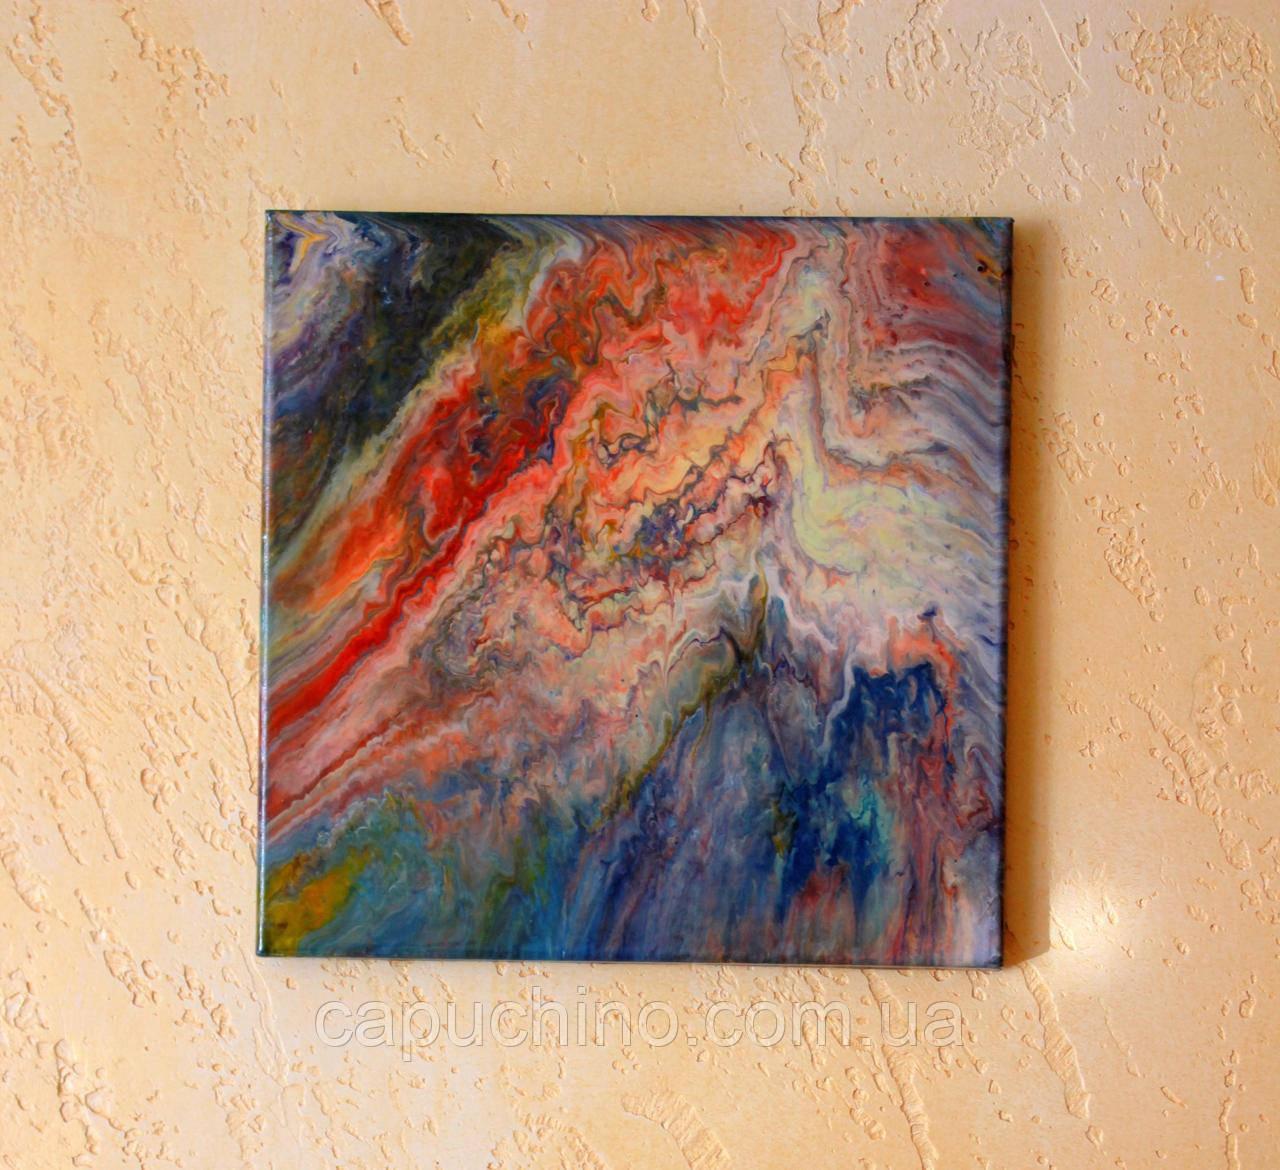 Картина рідким акрилом Внутрішній світ 30х30см покрита епоксидним клеєм Ручна робота